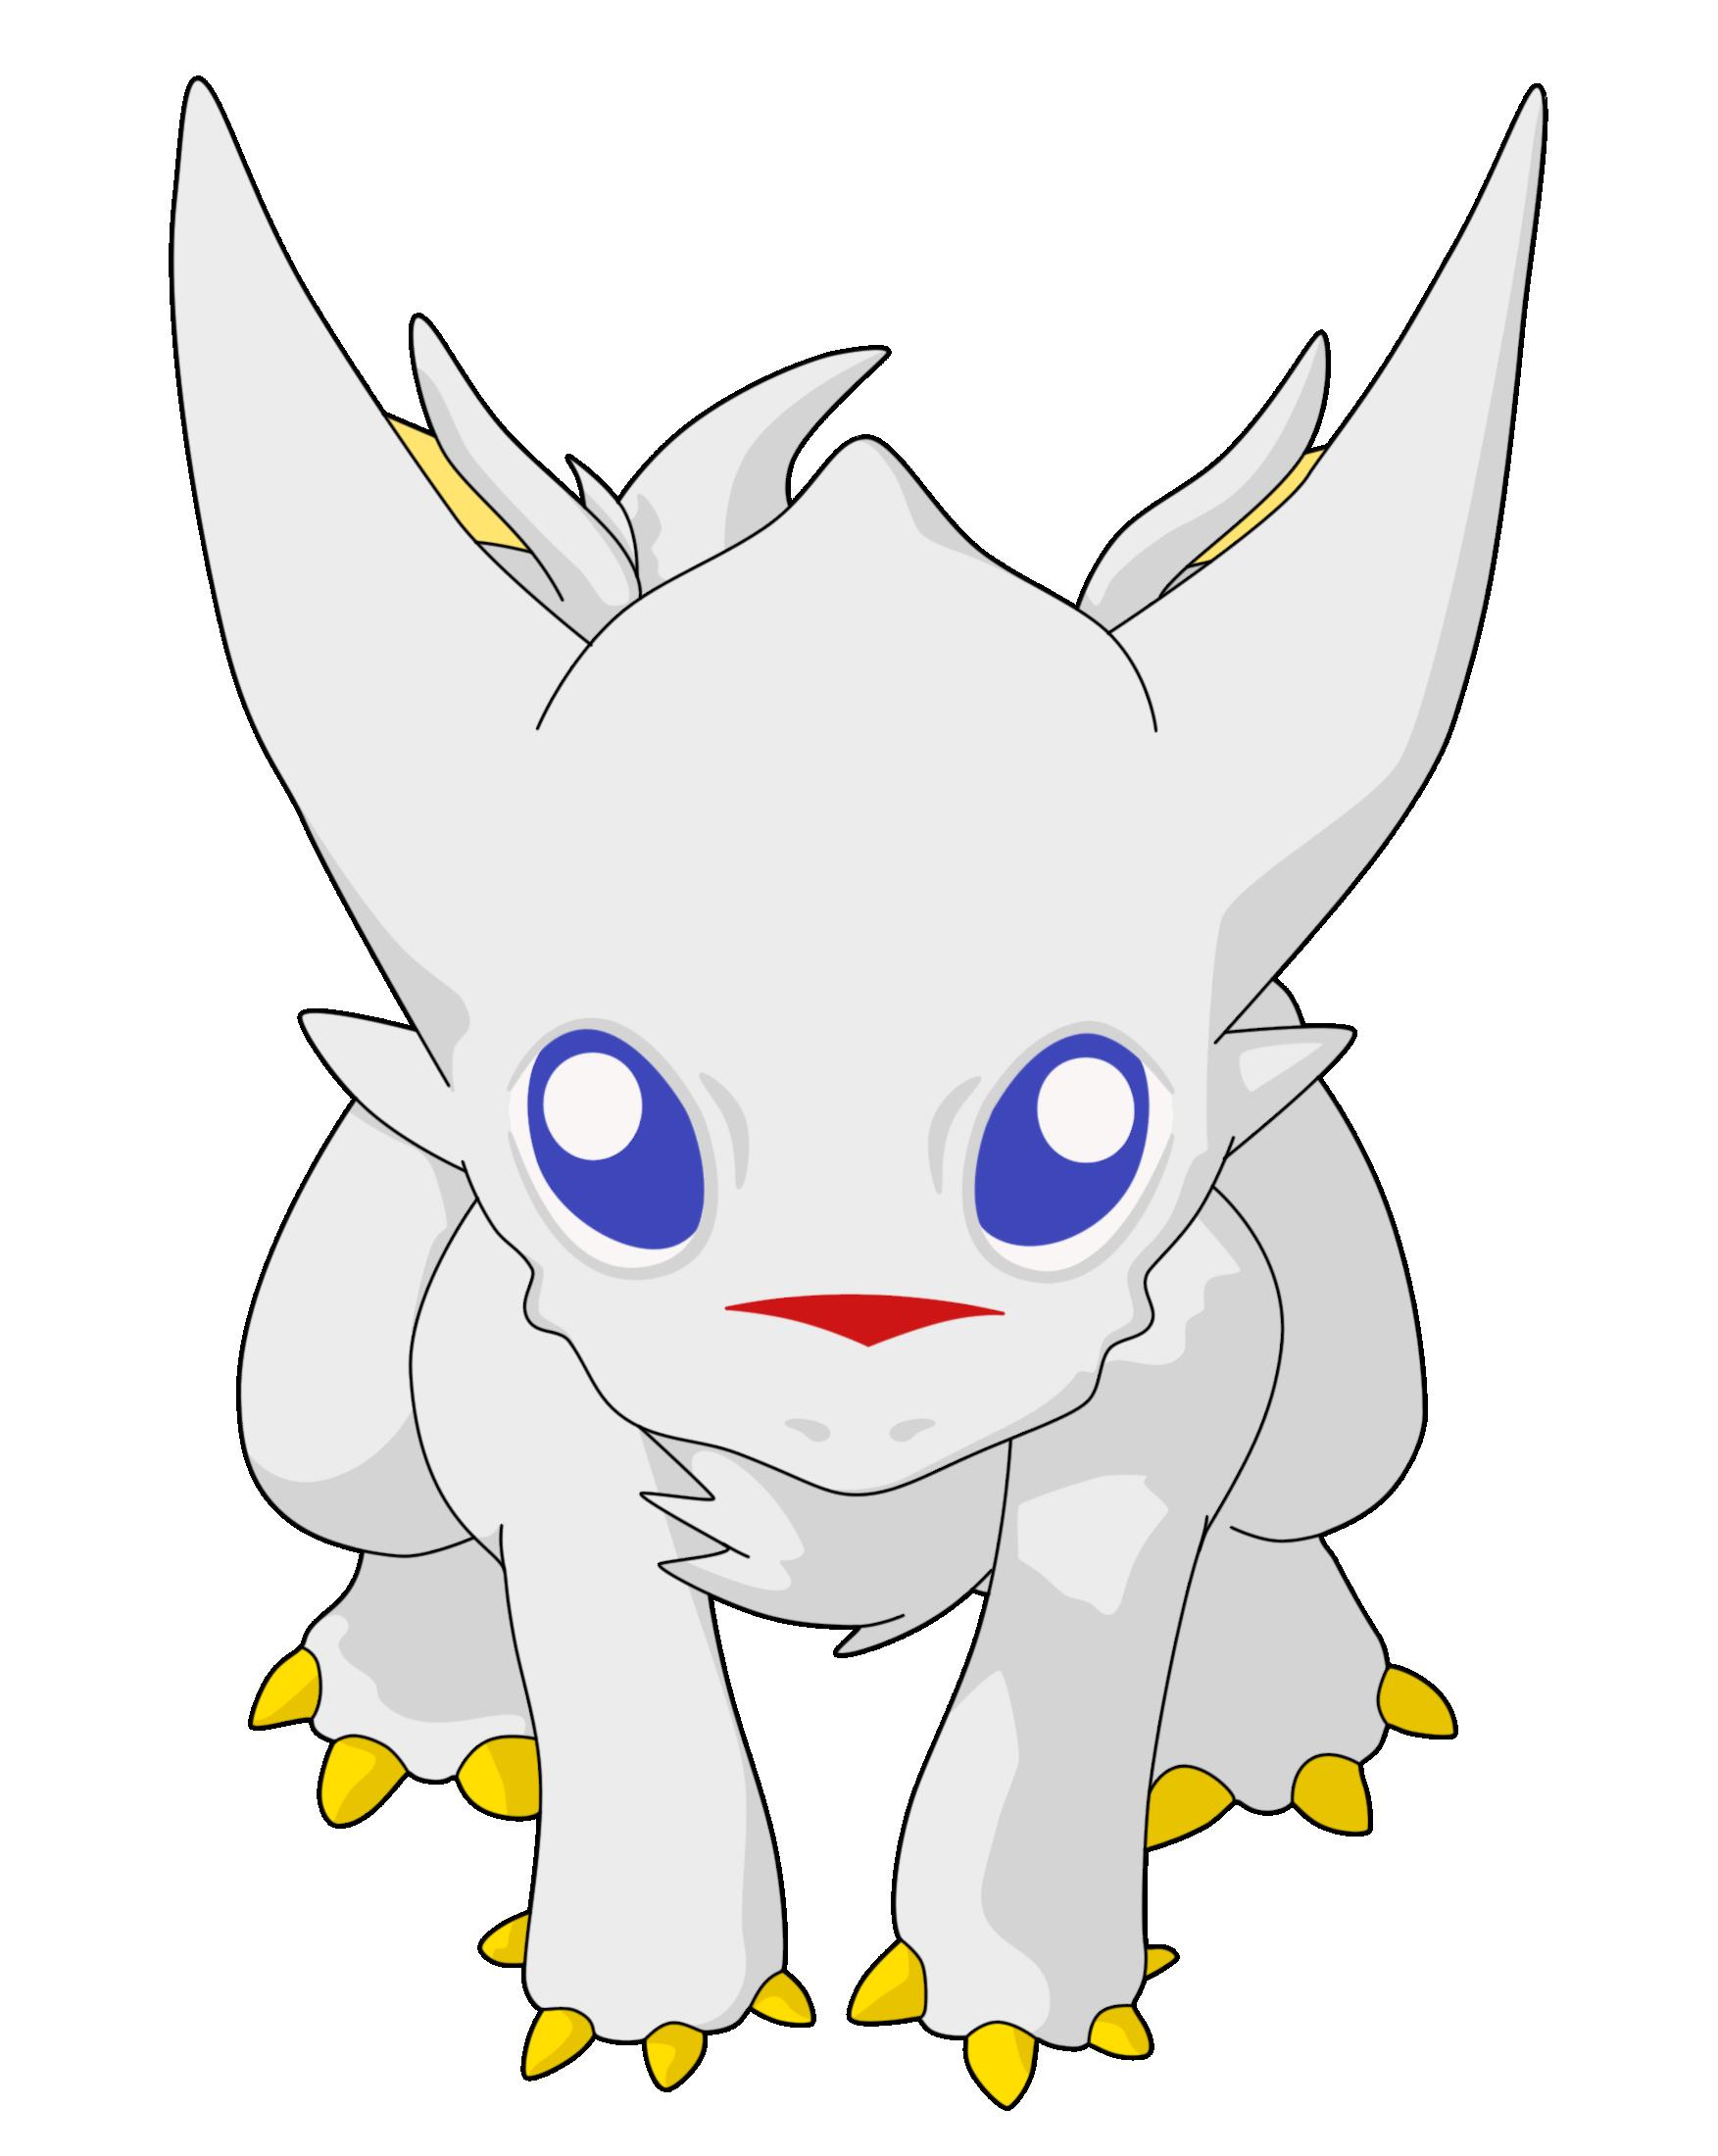 Chibisuke